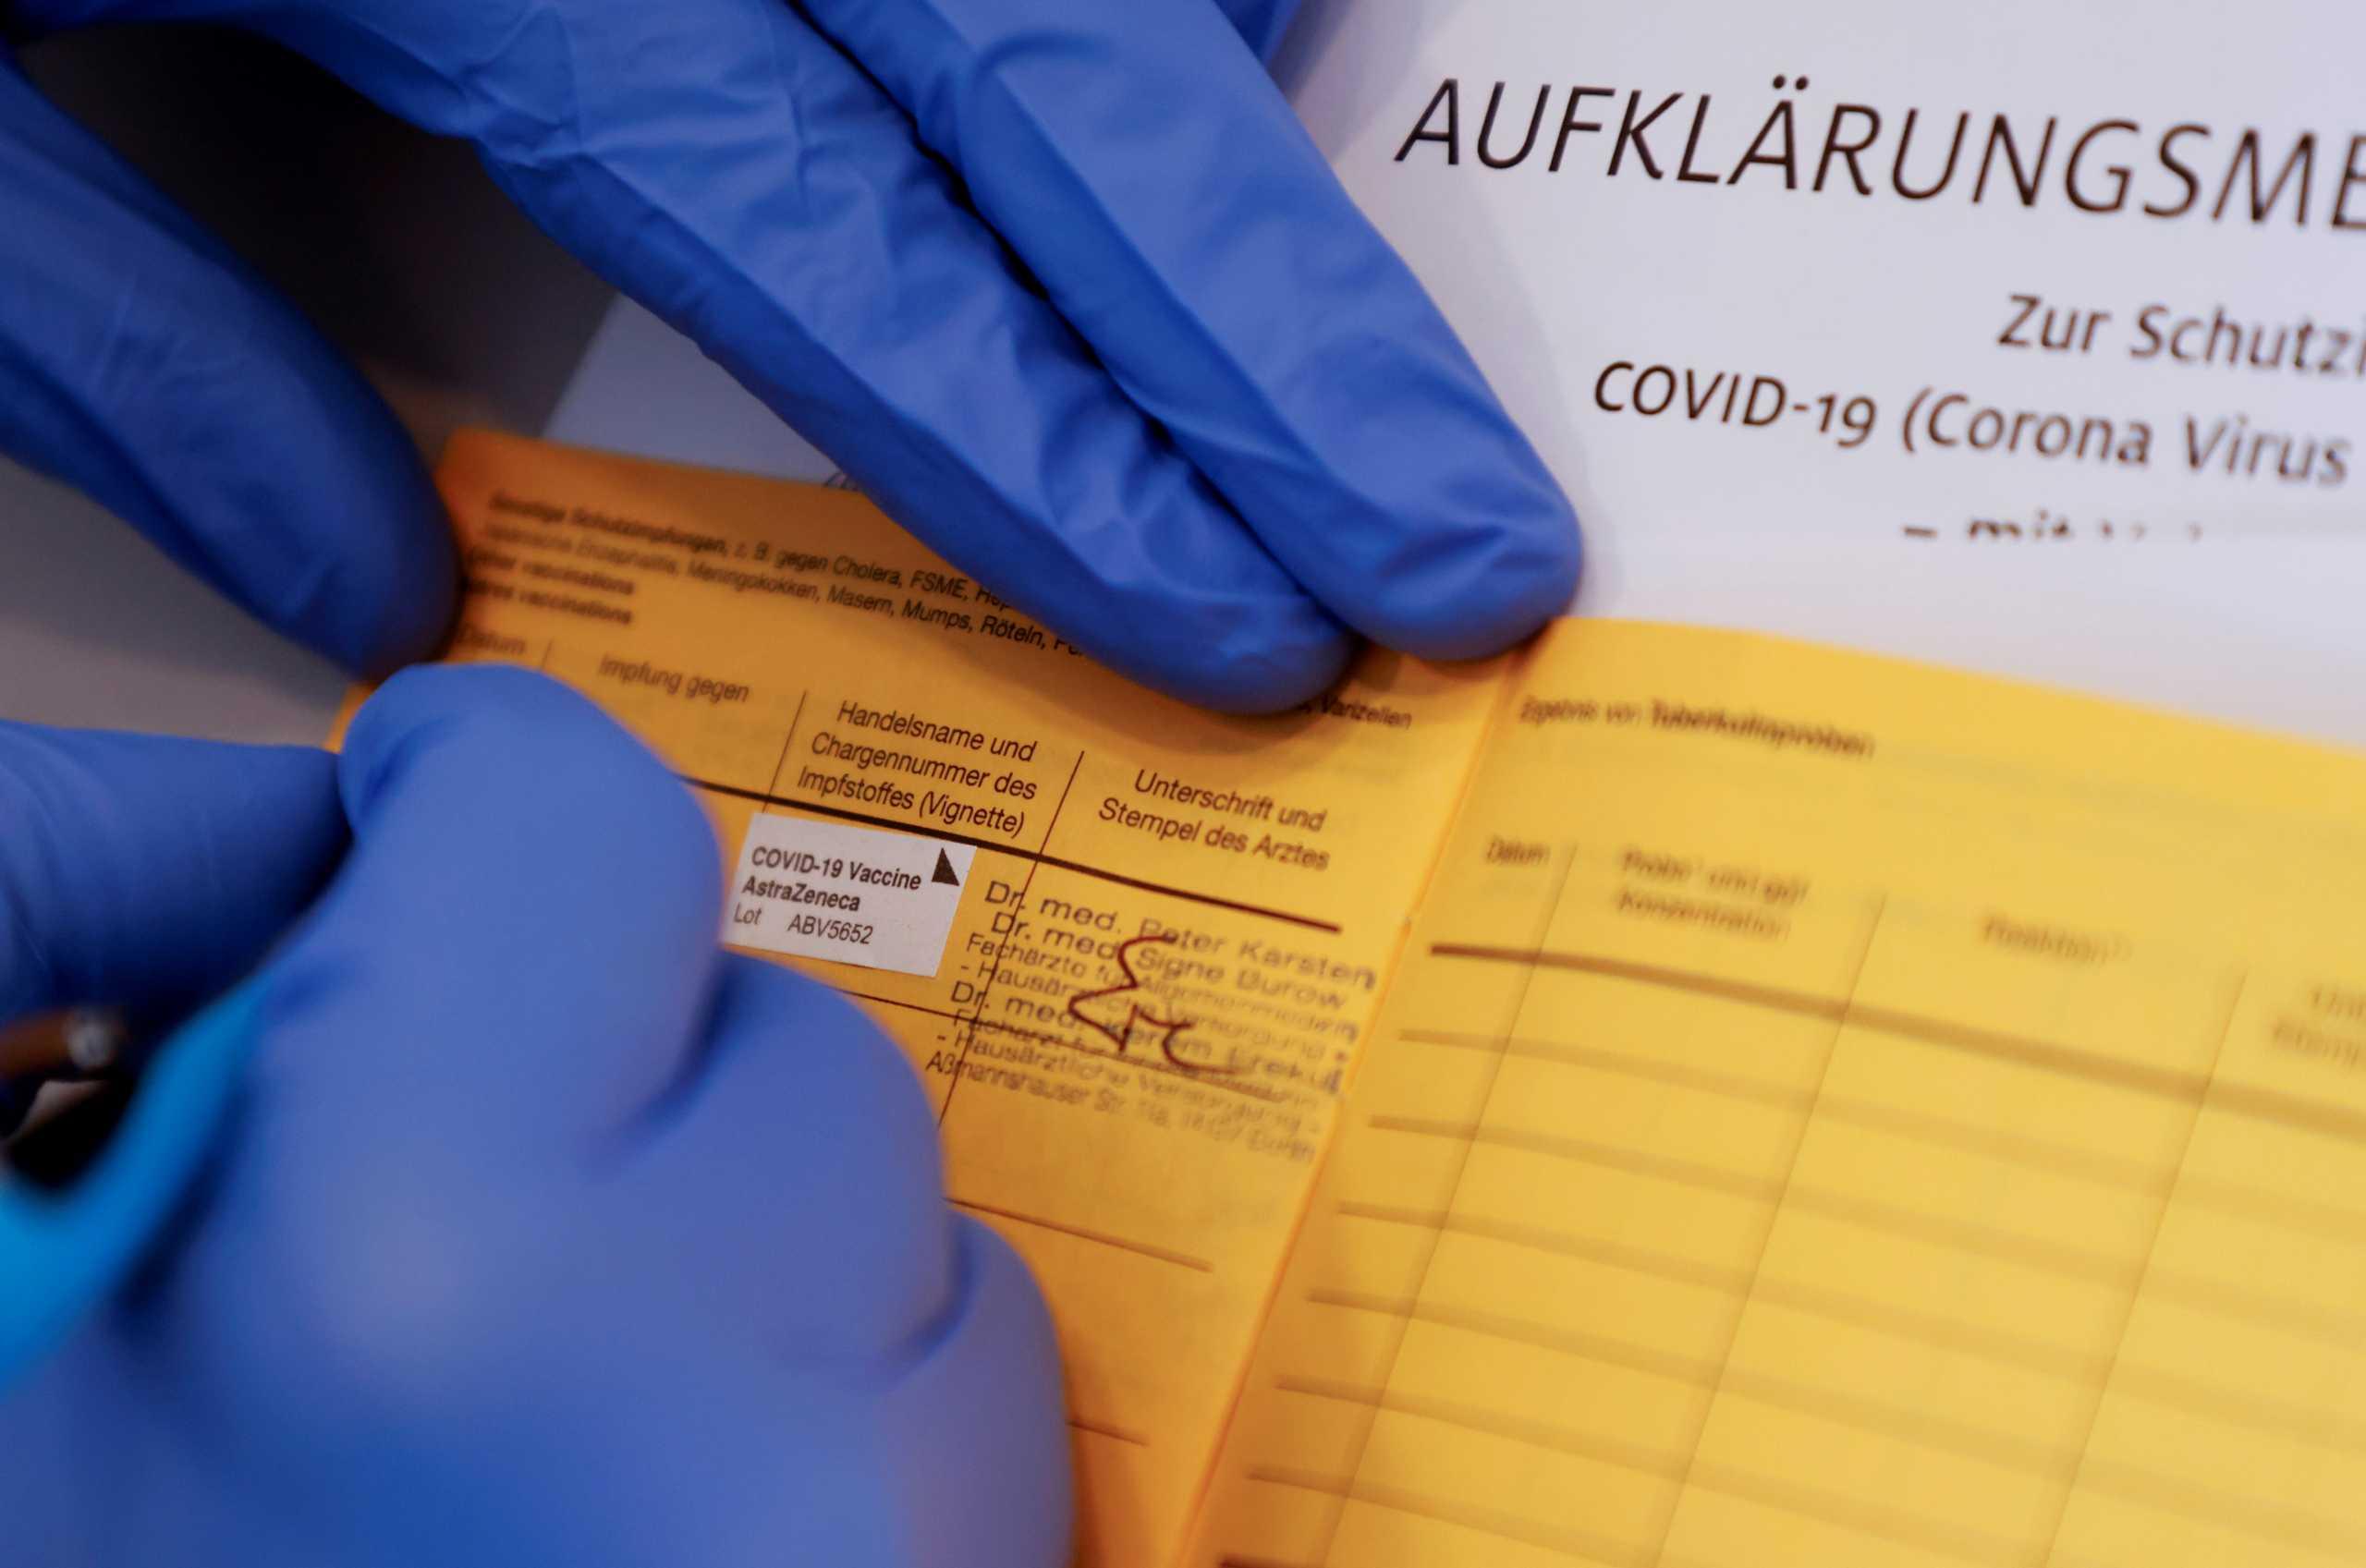 Συμβούλιο της Ευρώπης: Ναι στο πιστοποιητικό εμβολιασμού αλλά με σεβασμό στα προσωπικά δεδομένα